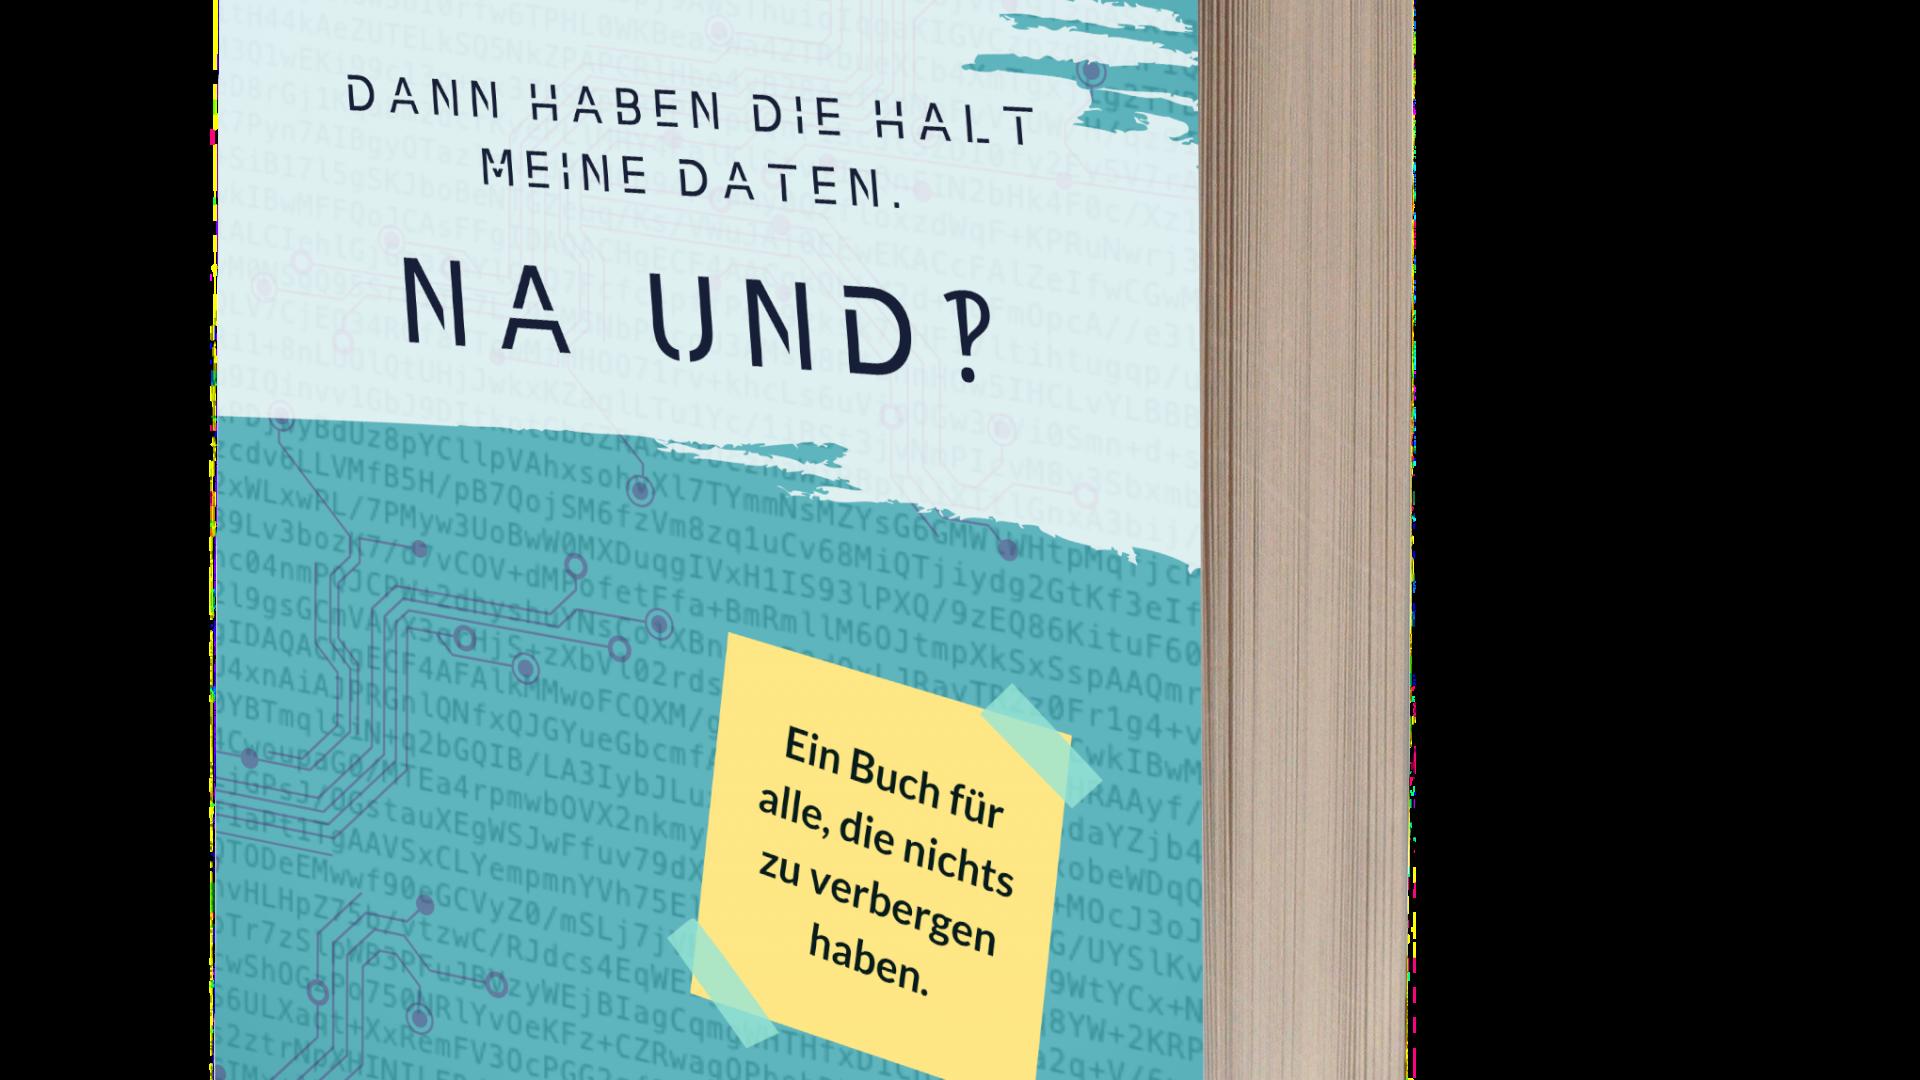 ViennaWriter Authorpreneur